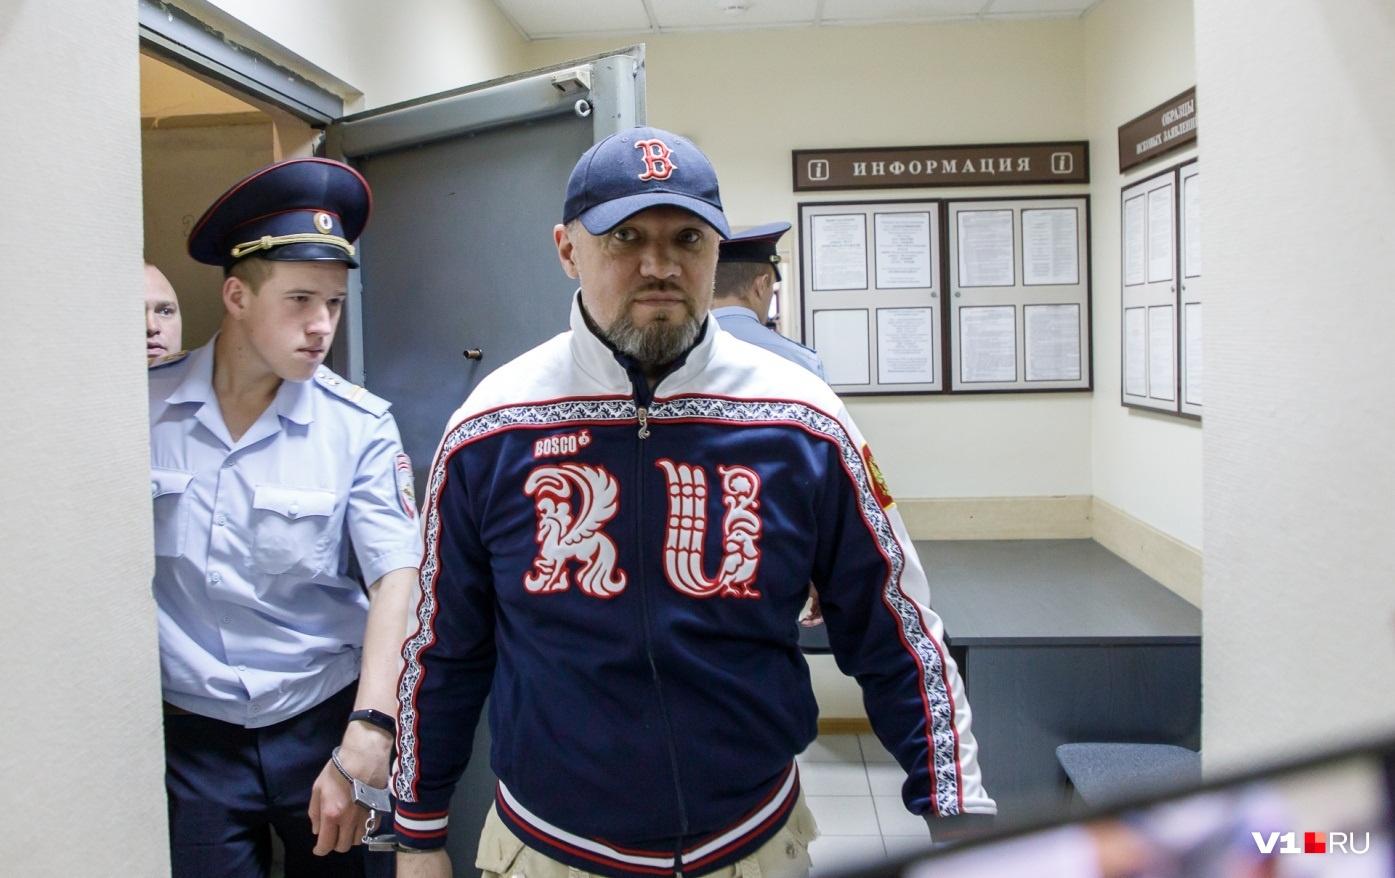 Виталий Брудный свою причастность к теракту опроверг